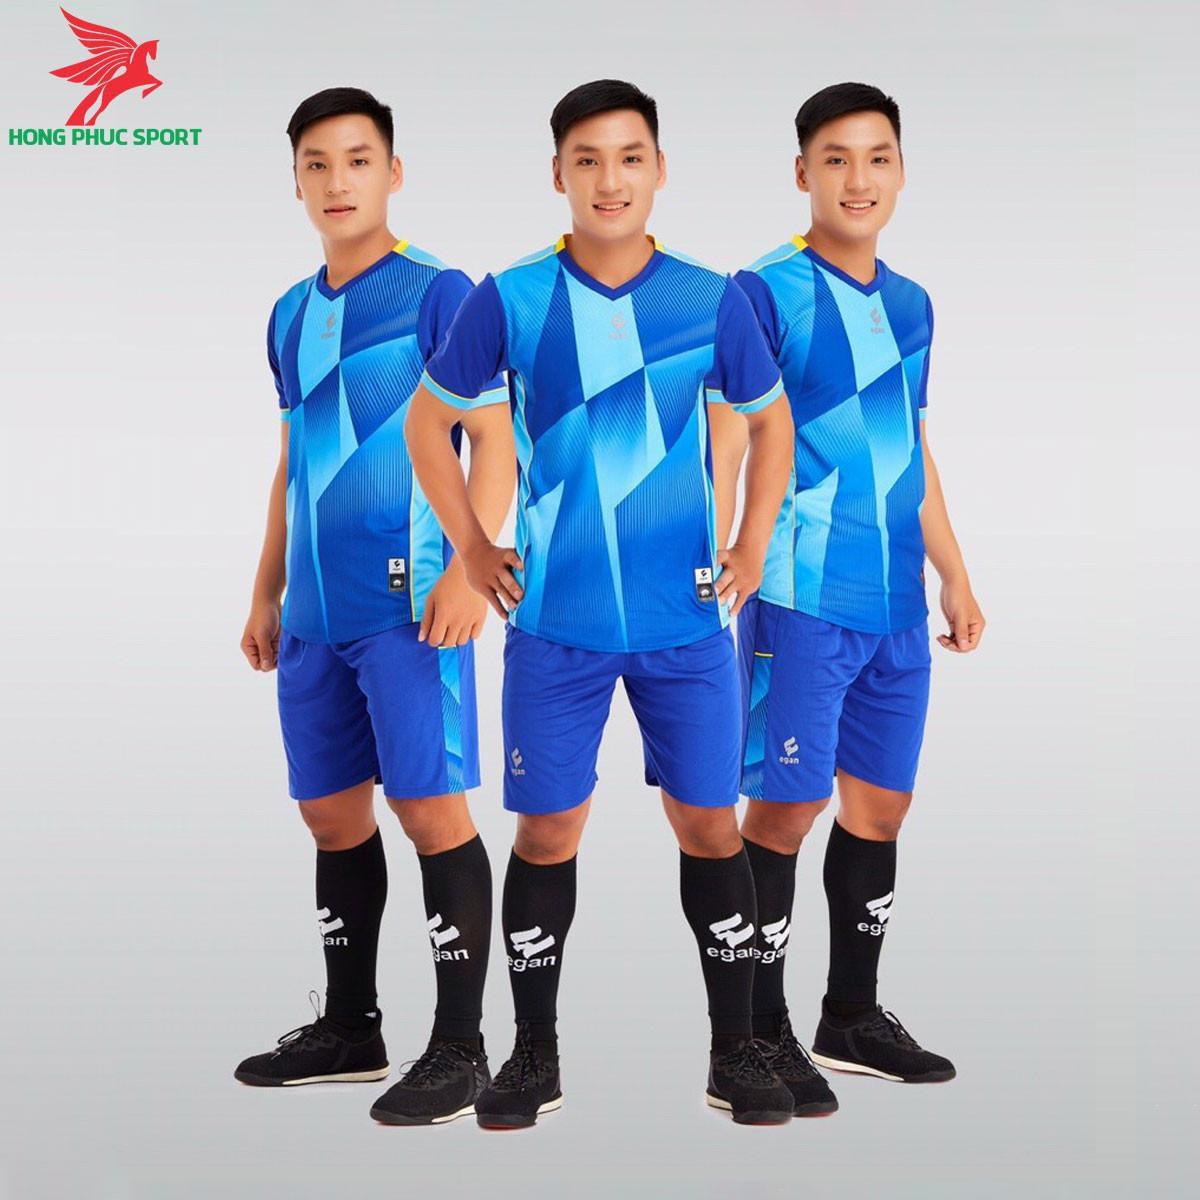 https://cdn.hongphucsport.com/unsafe/s4.shopbay.vn/files/285/ao-da-bong-khong-logo-egan-victory-mau-xanh-duong-605085c409e48.jpg